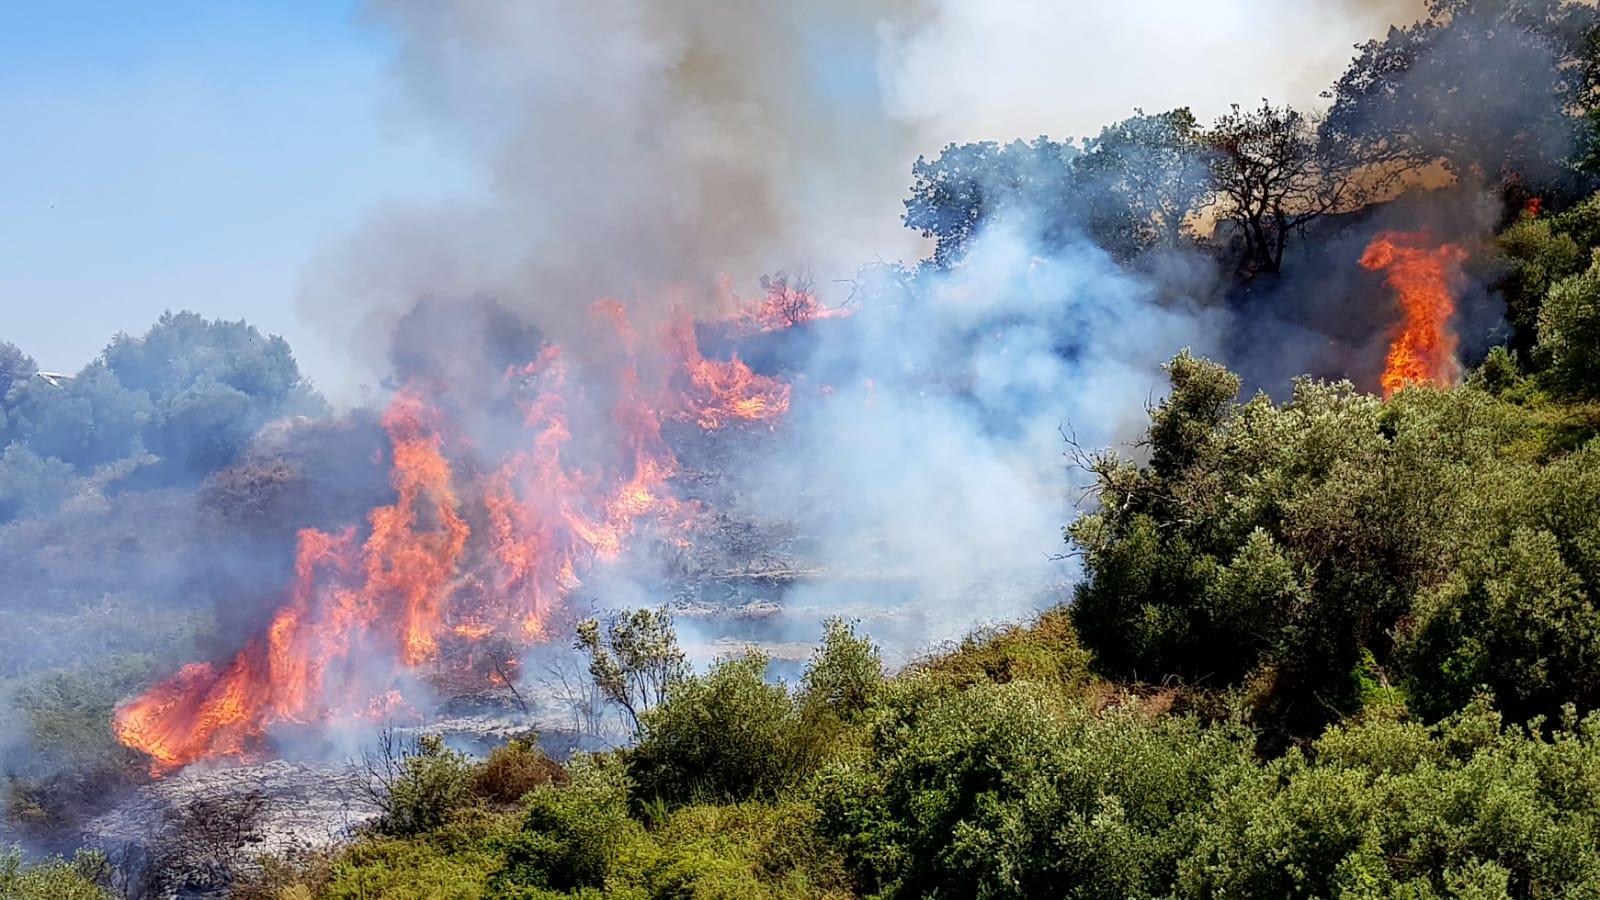 Incendi boschivi, finalmente si parla di prevenzione